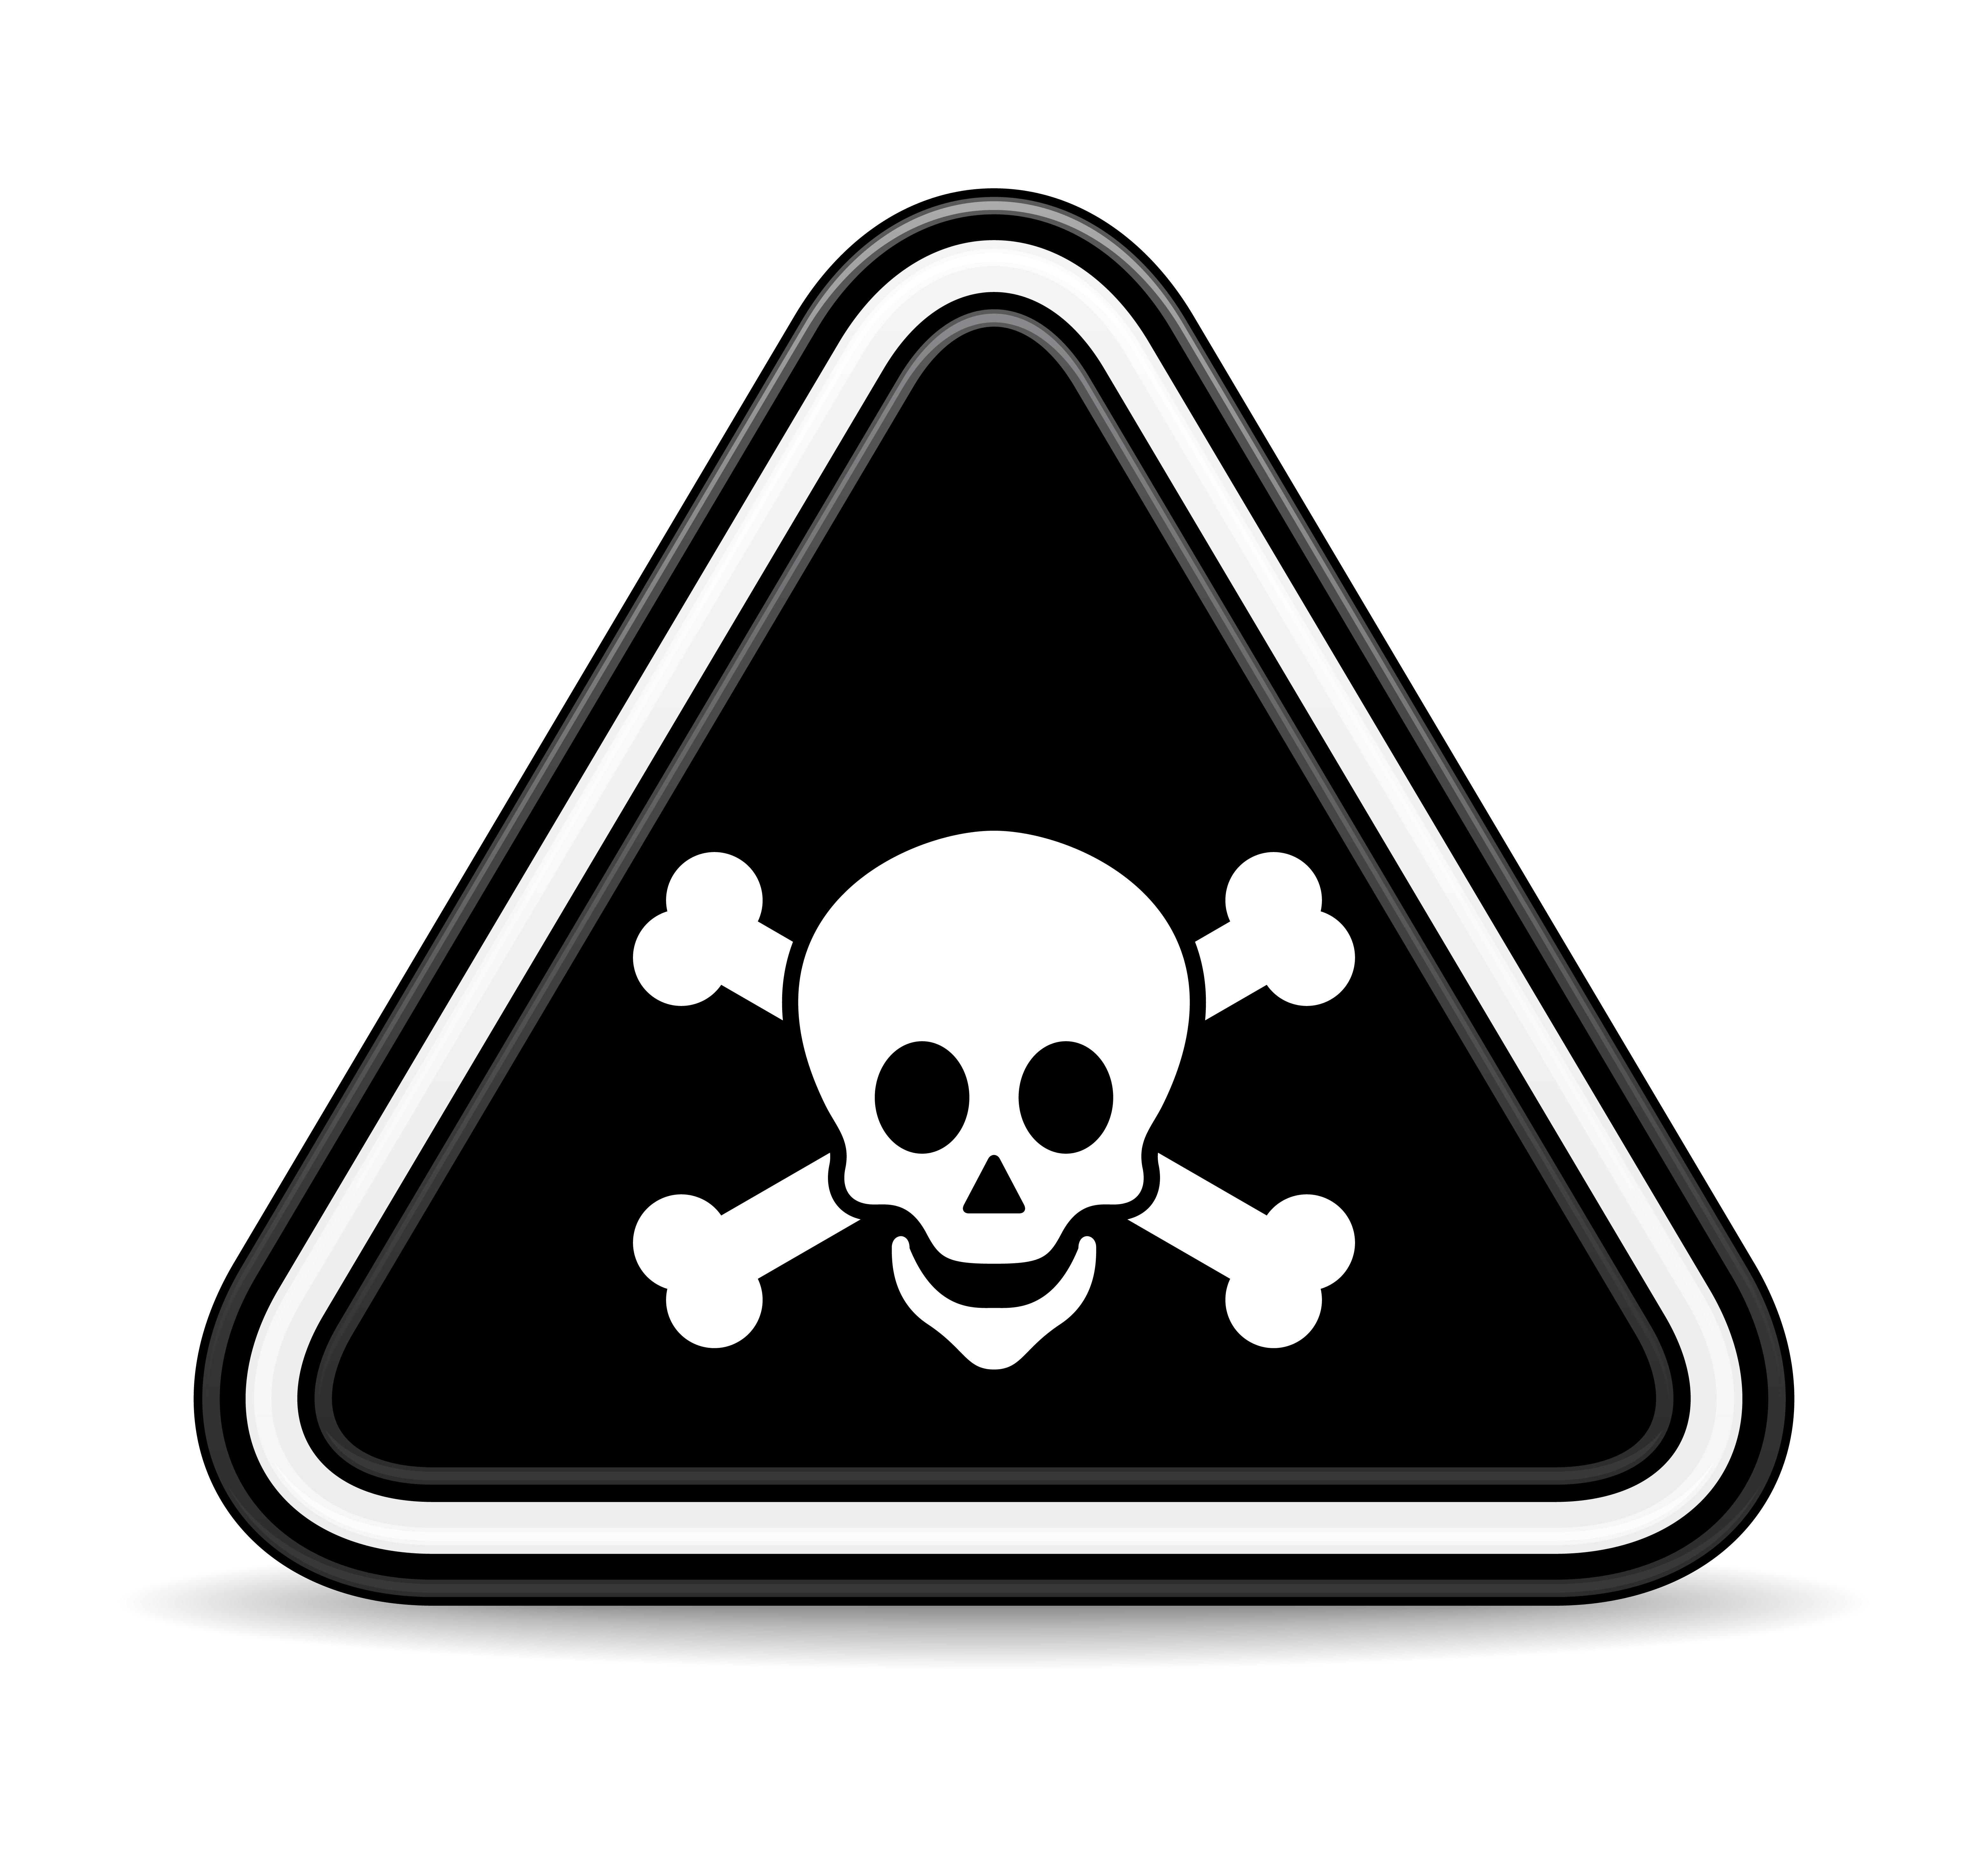 Symbol clipart poisonous #13